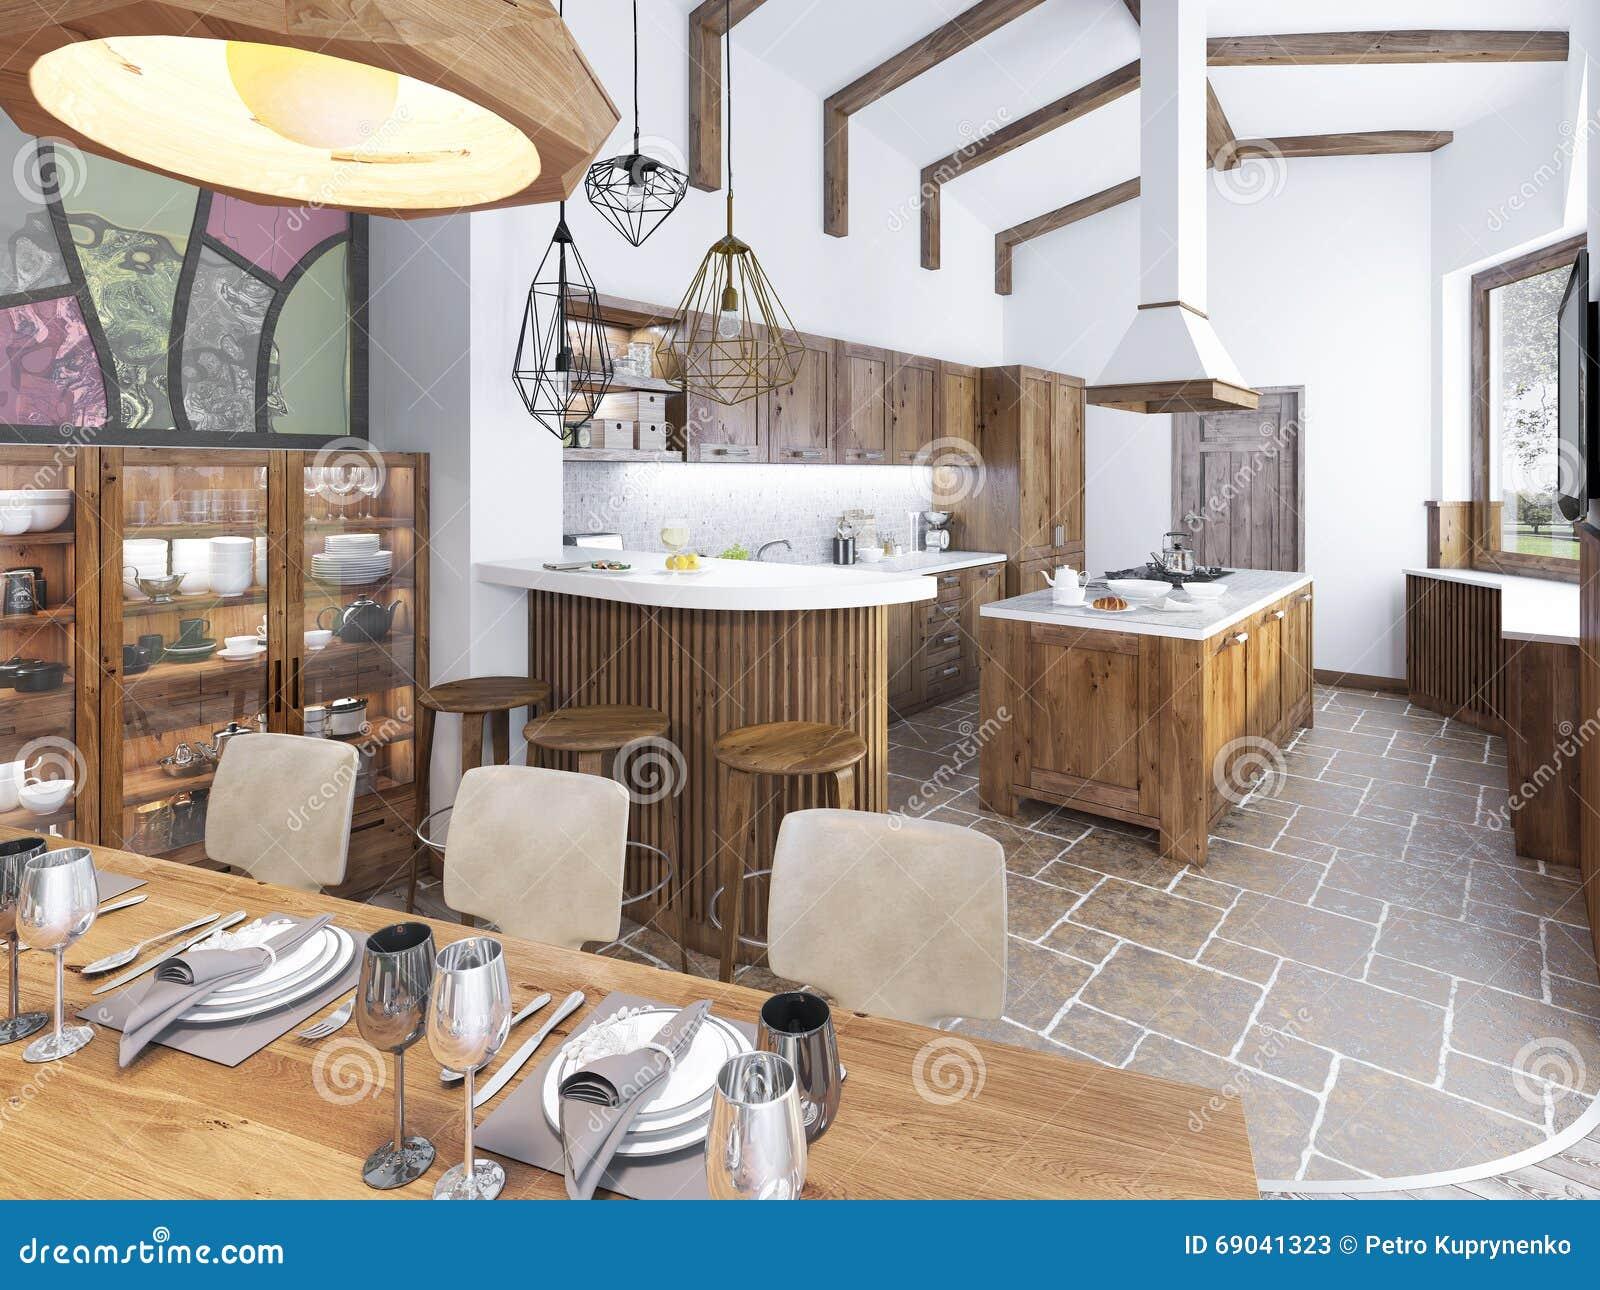 Cocina y comedor modernos en el desv n foto de archivo for Comedor tapizado moderno